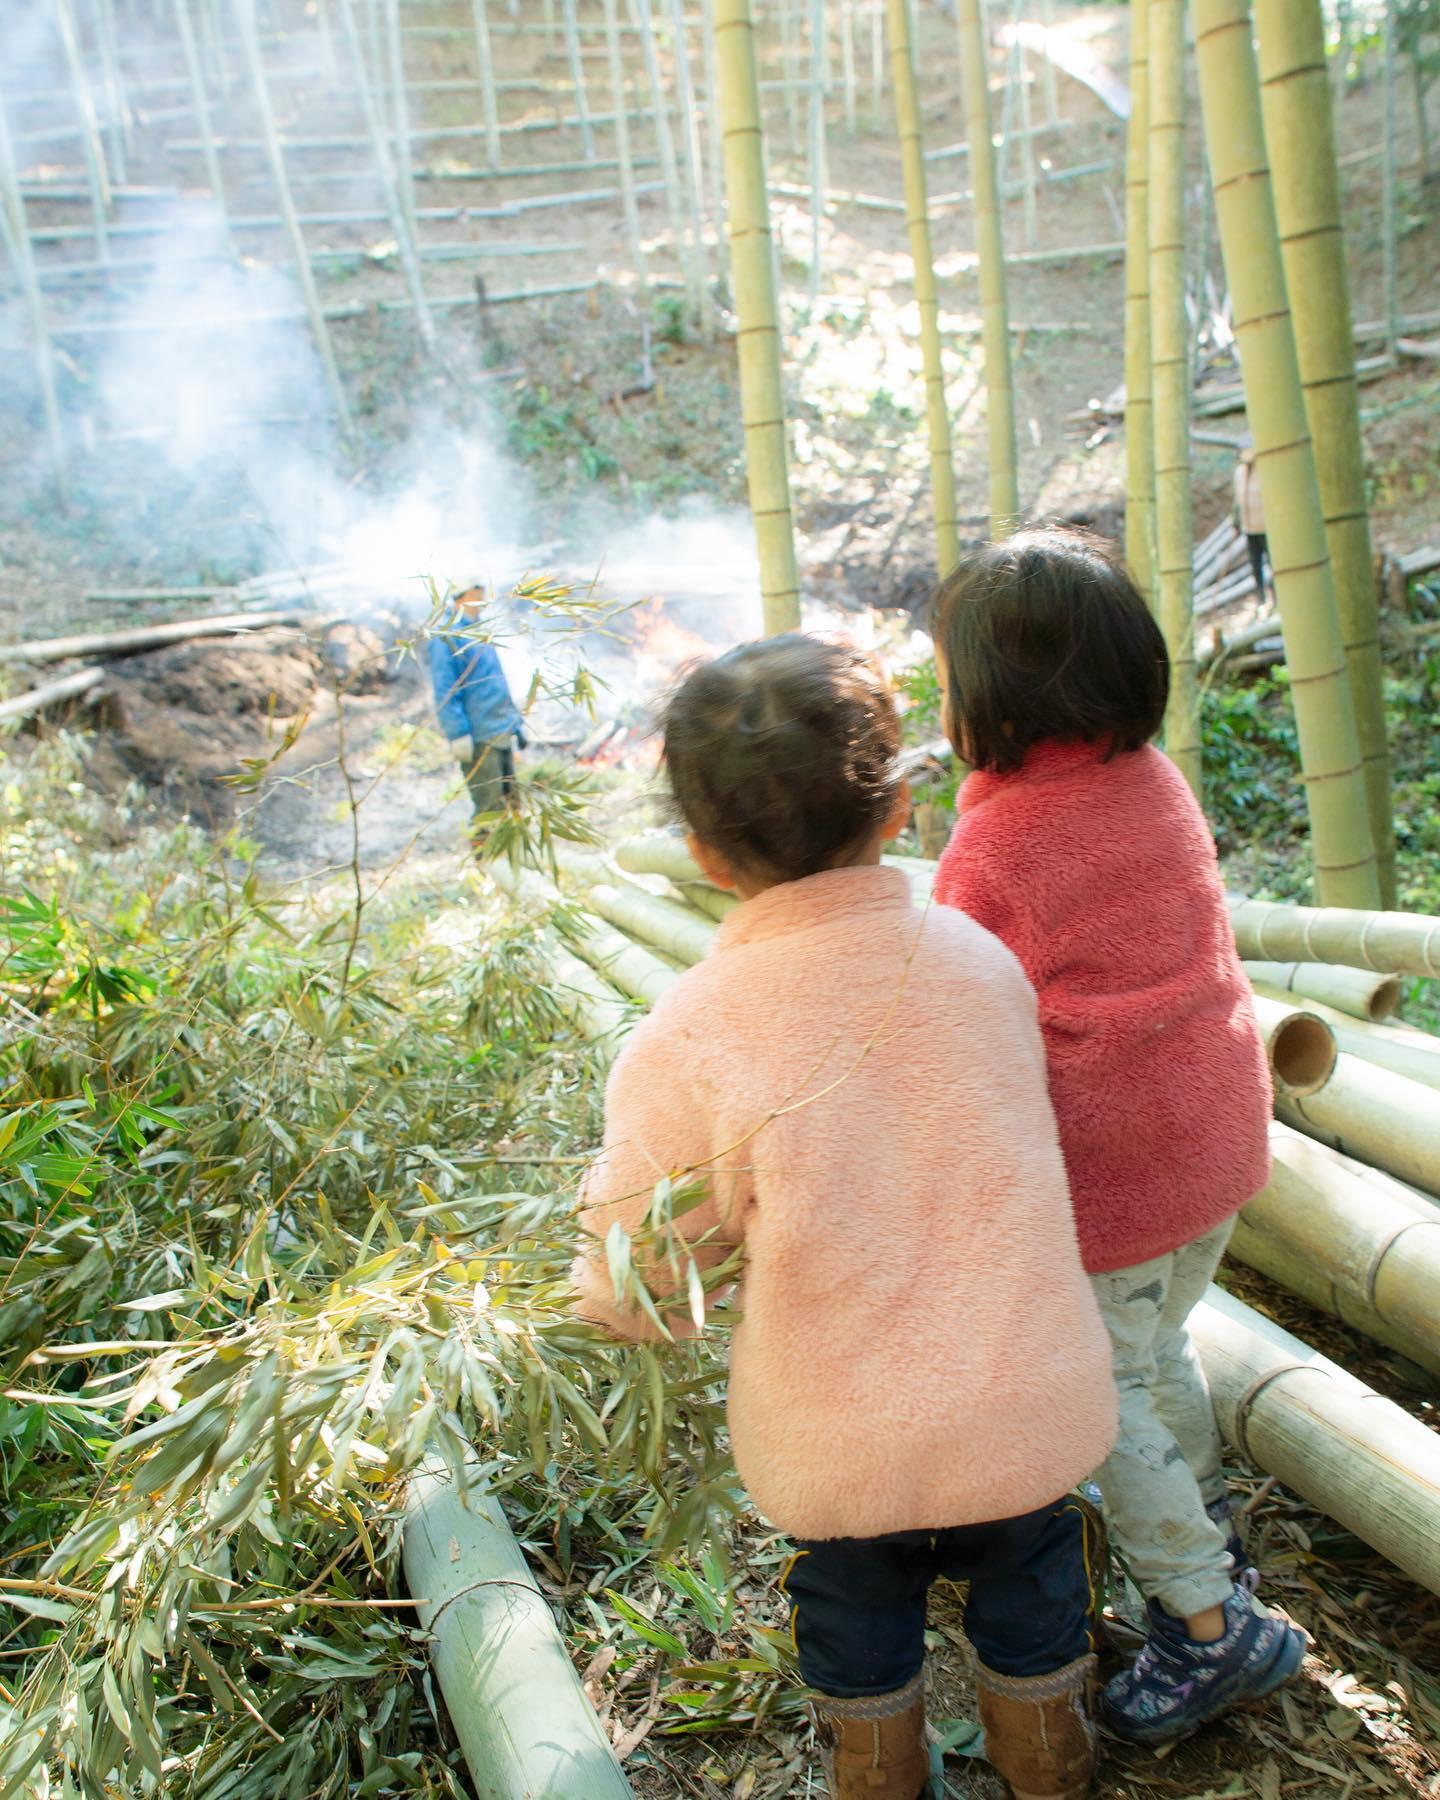 竹焼くの見守り隊#阿波たけのこ農園#筍姫#たけのこ#見守り隊